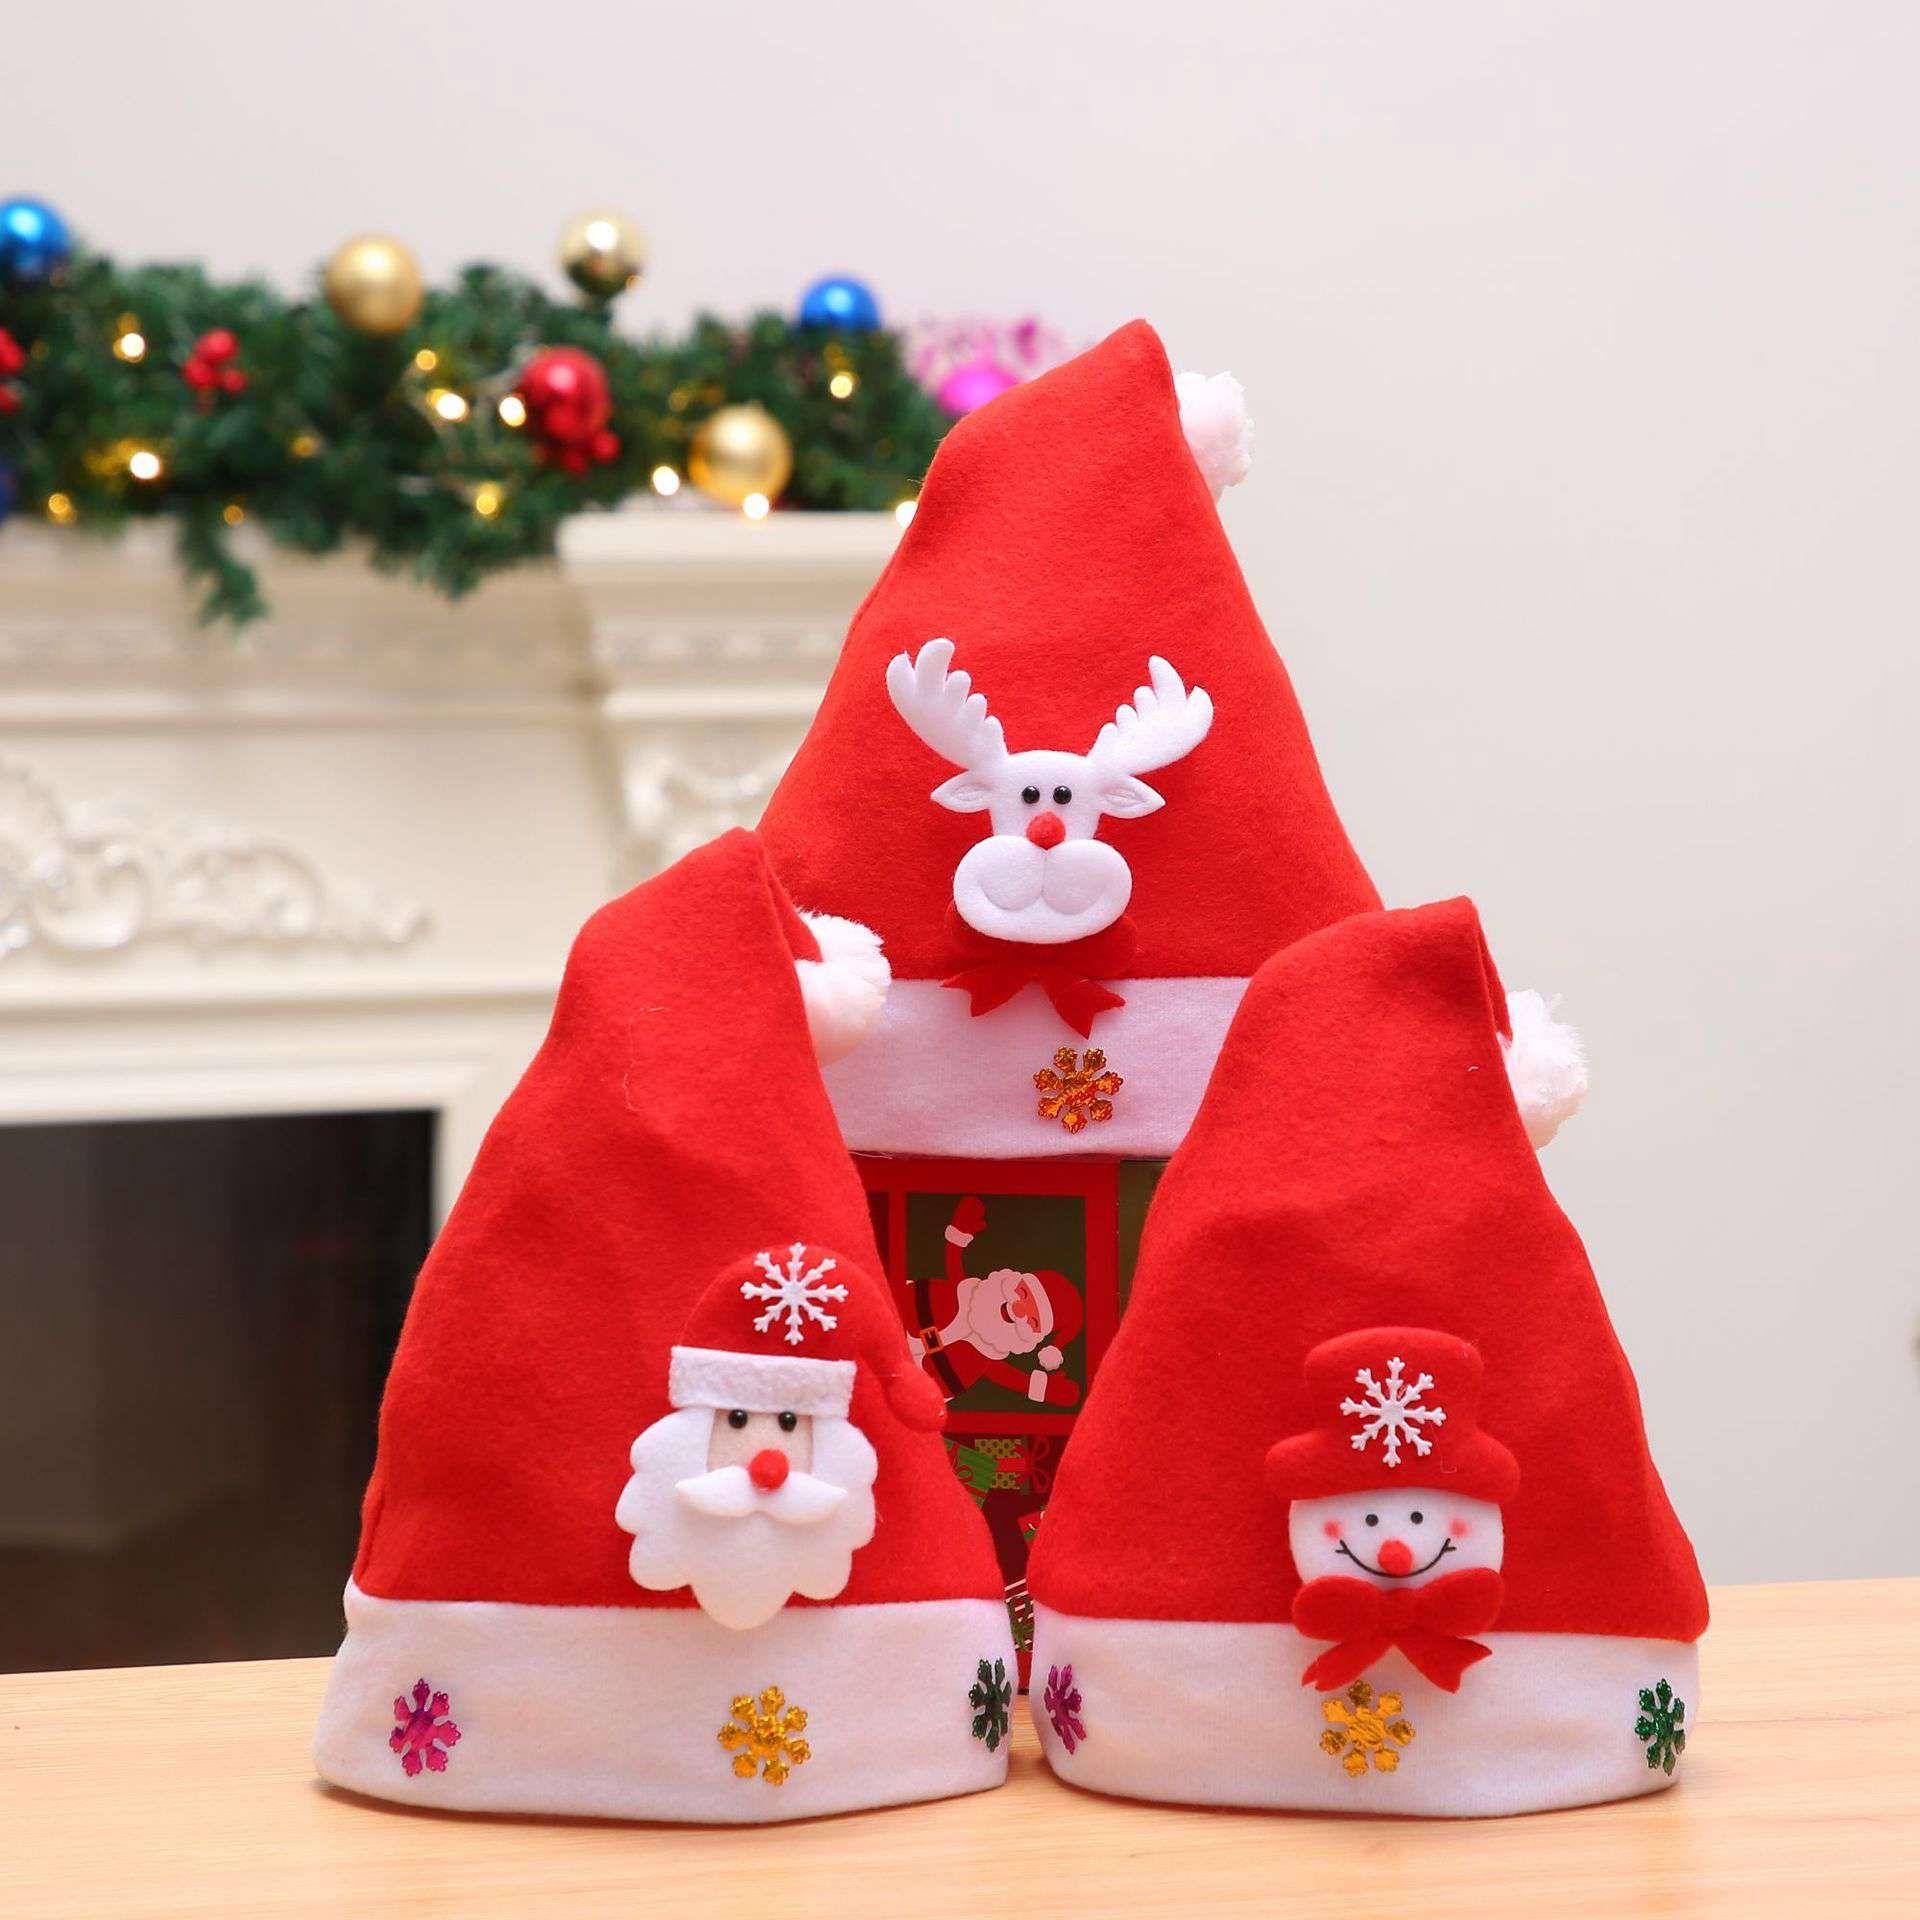 Compre Sombrero De Navidad De Felpa Al Por Mayor Sombrero De Santa Claus  Decoraciones De Navidad Rojas Adornos De Navidad Para Niños Adultos Con  Bolsa De ... 6f6bb9a321a